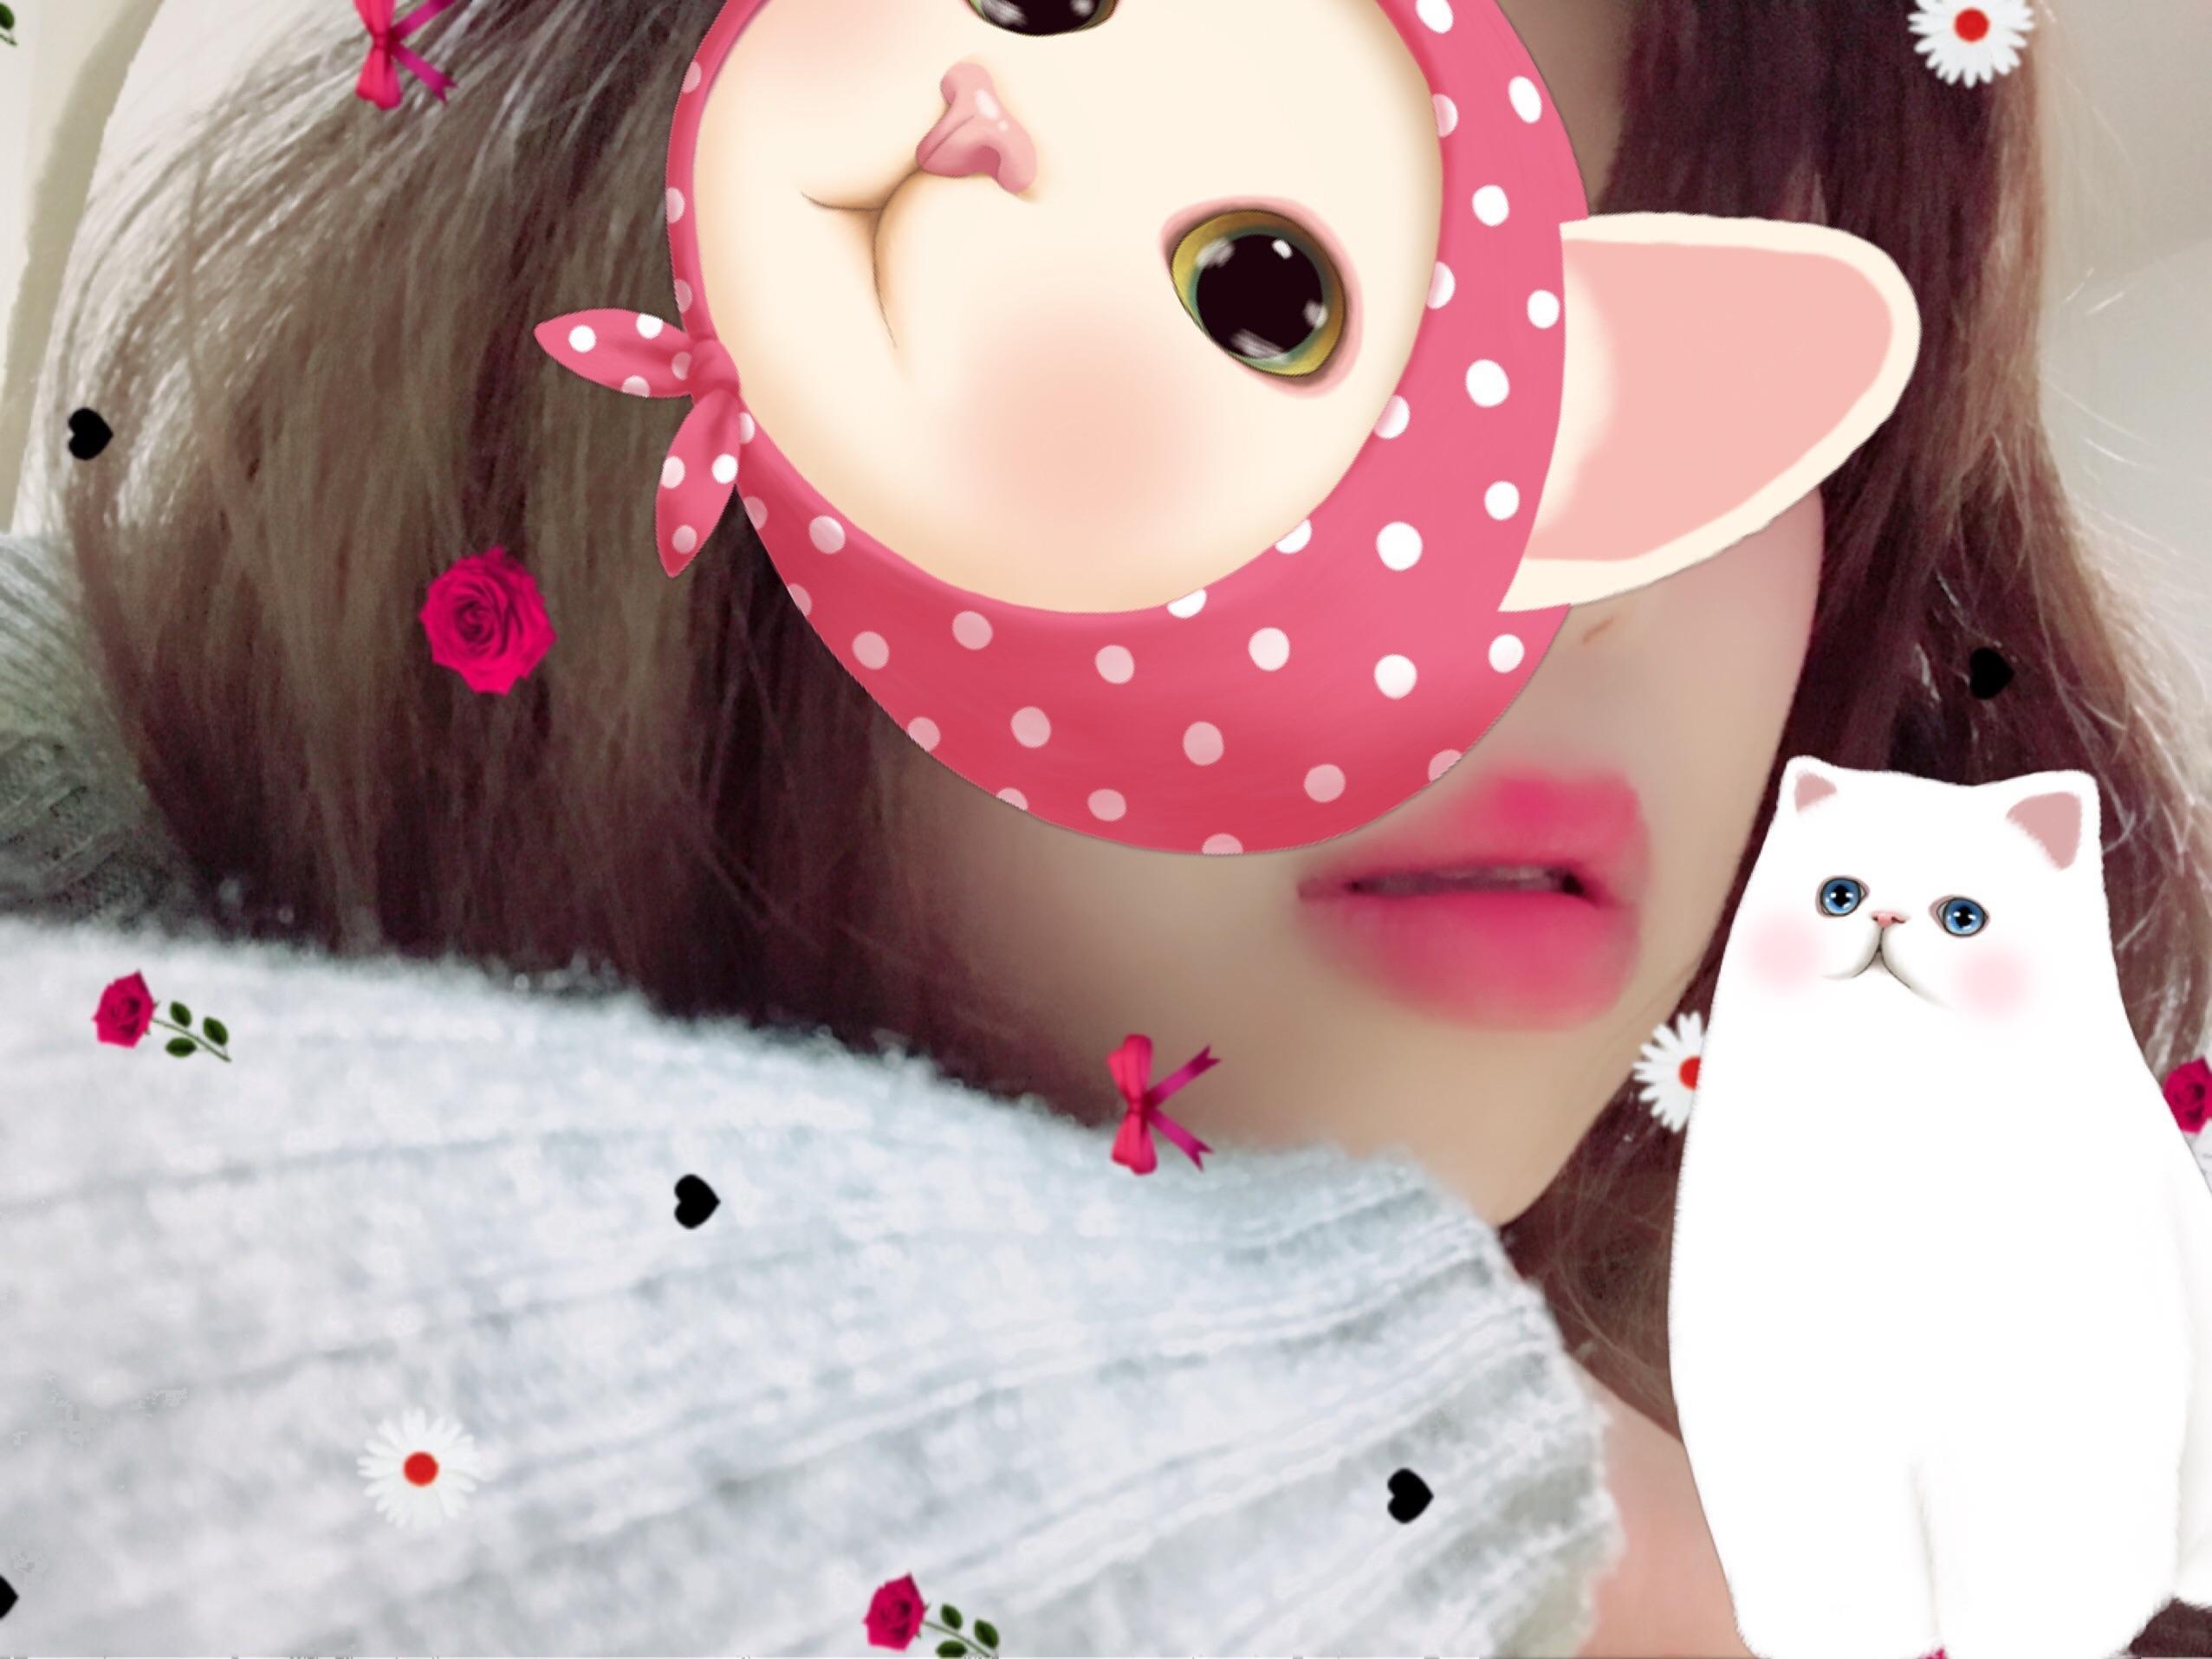 「ありがとう」10/20(土) 02:36 | アサギの写メ・風俗動画